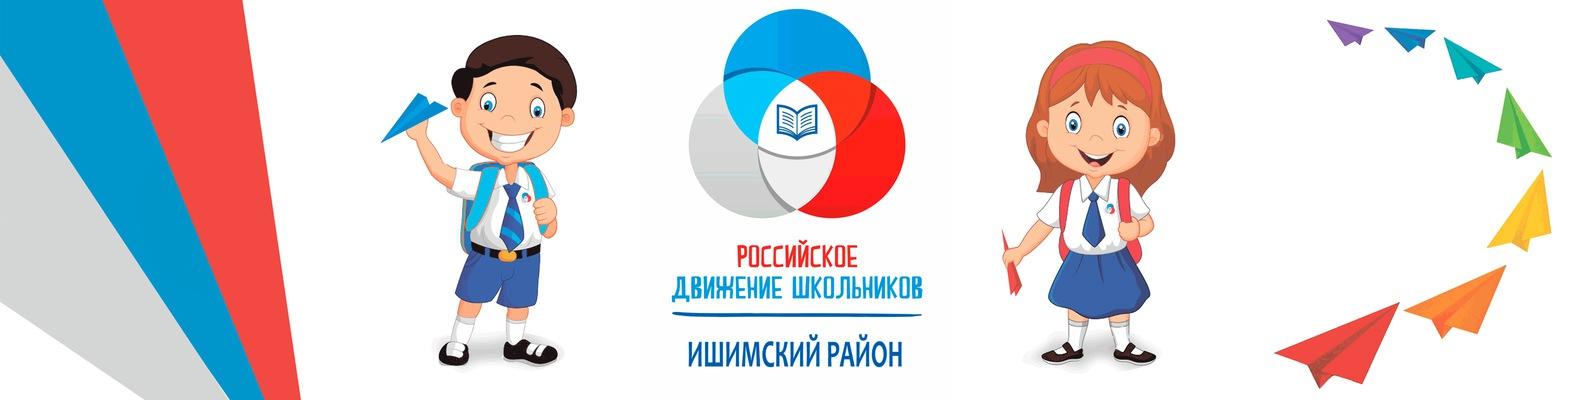 Картинка российское движение школьников